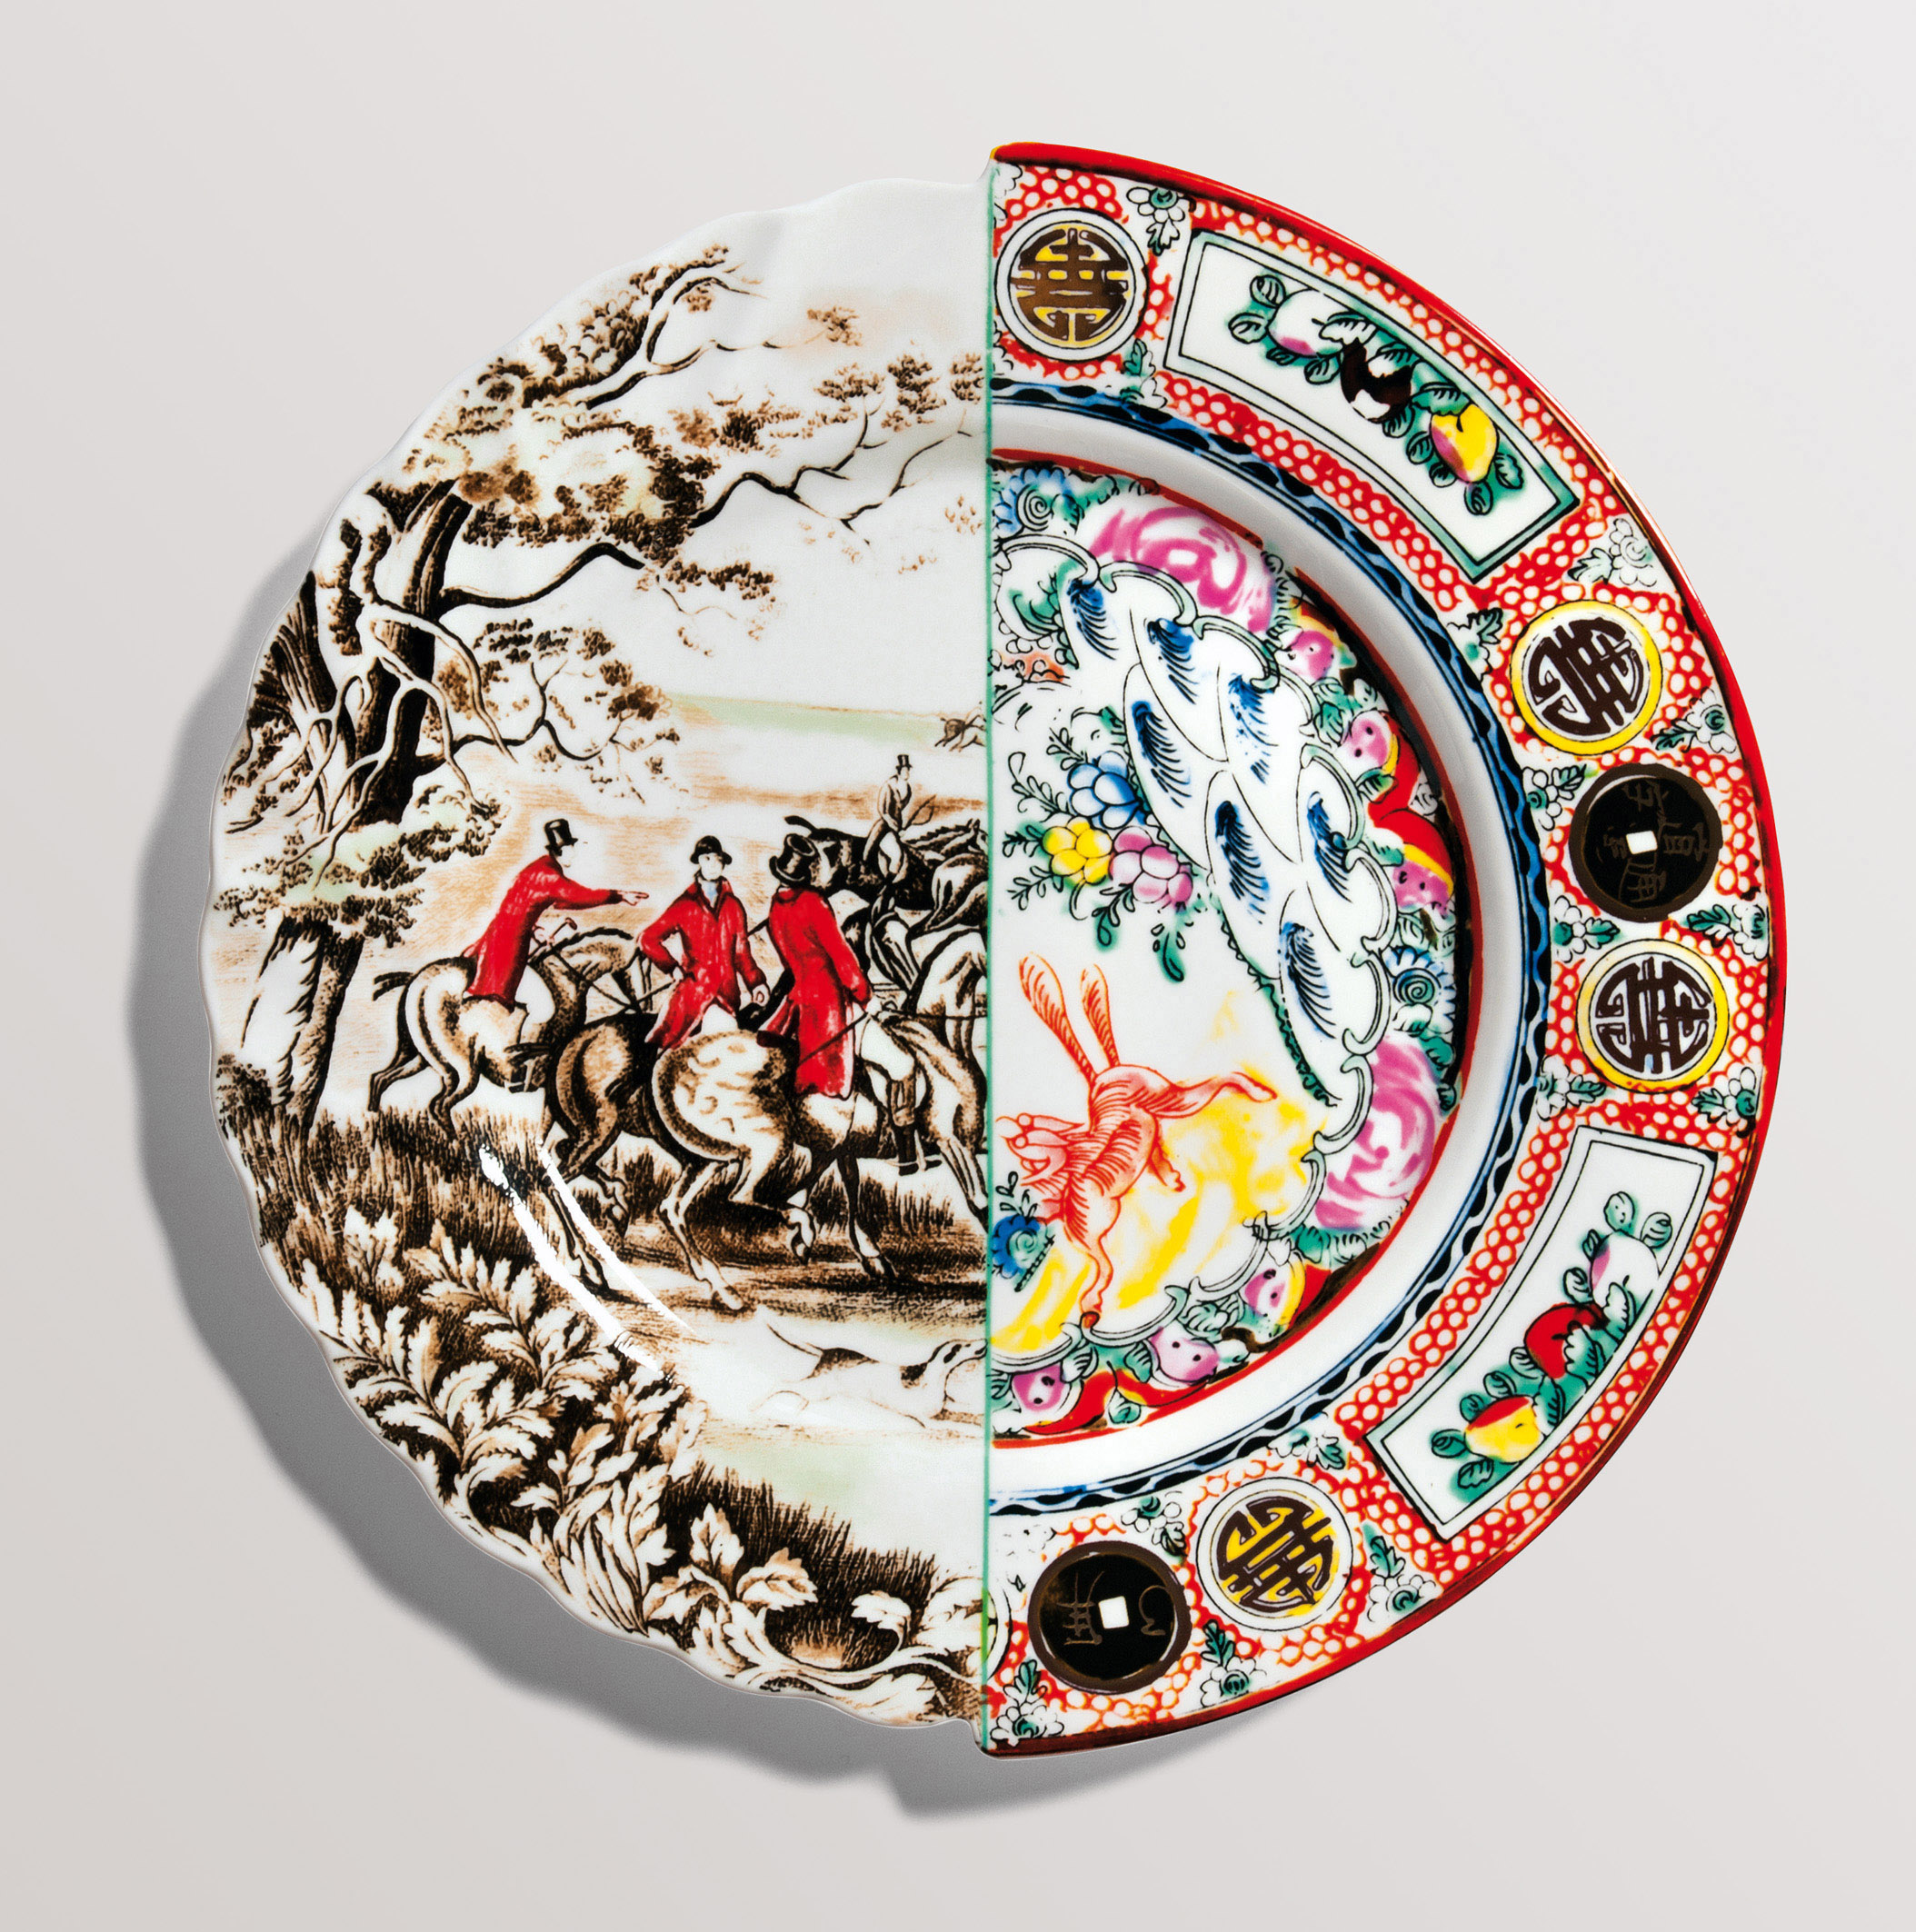 HYBRID EUSAPIA - DINNER PLATE